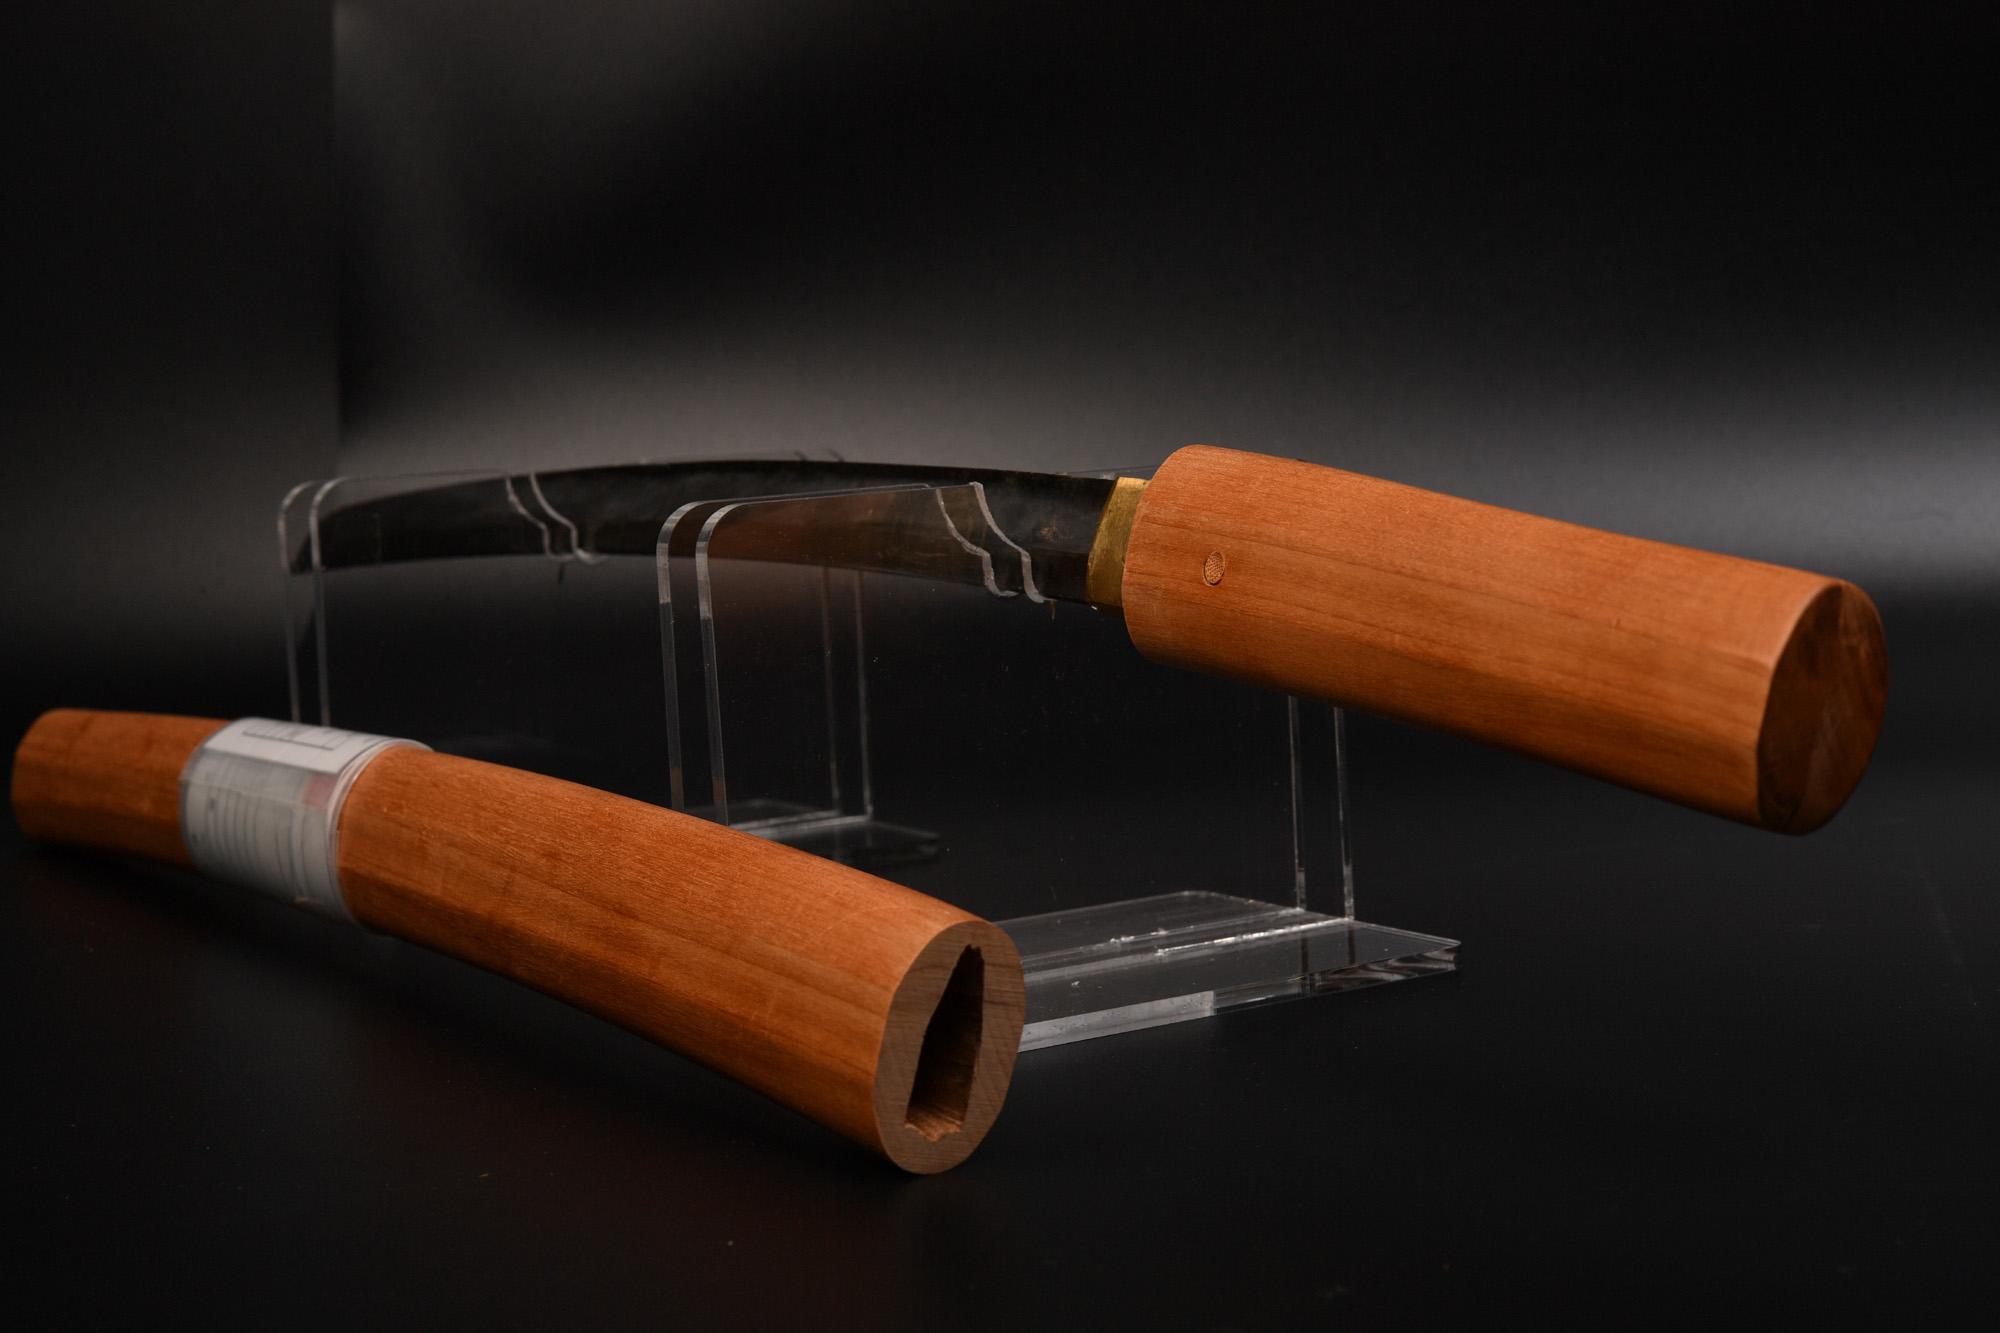 日本刀(脇差し)に摸造刀白鞘を流用 その3 白鞘の仕上げです。